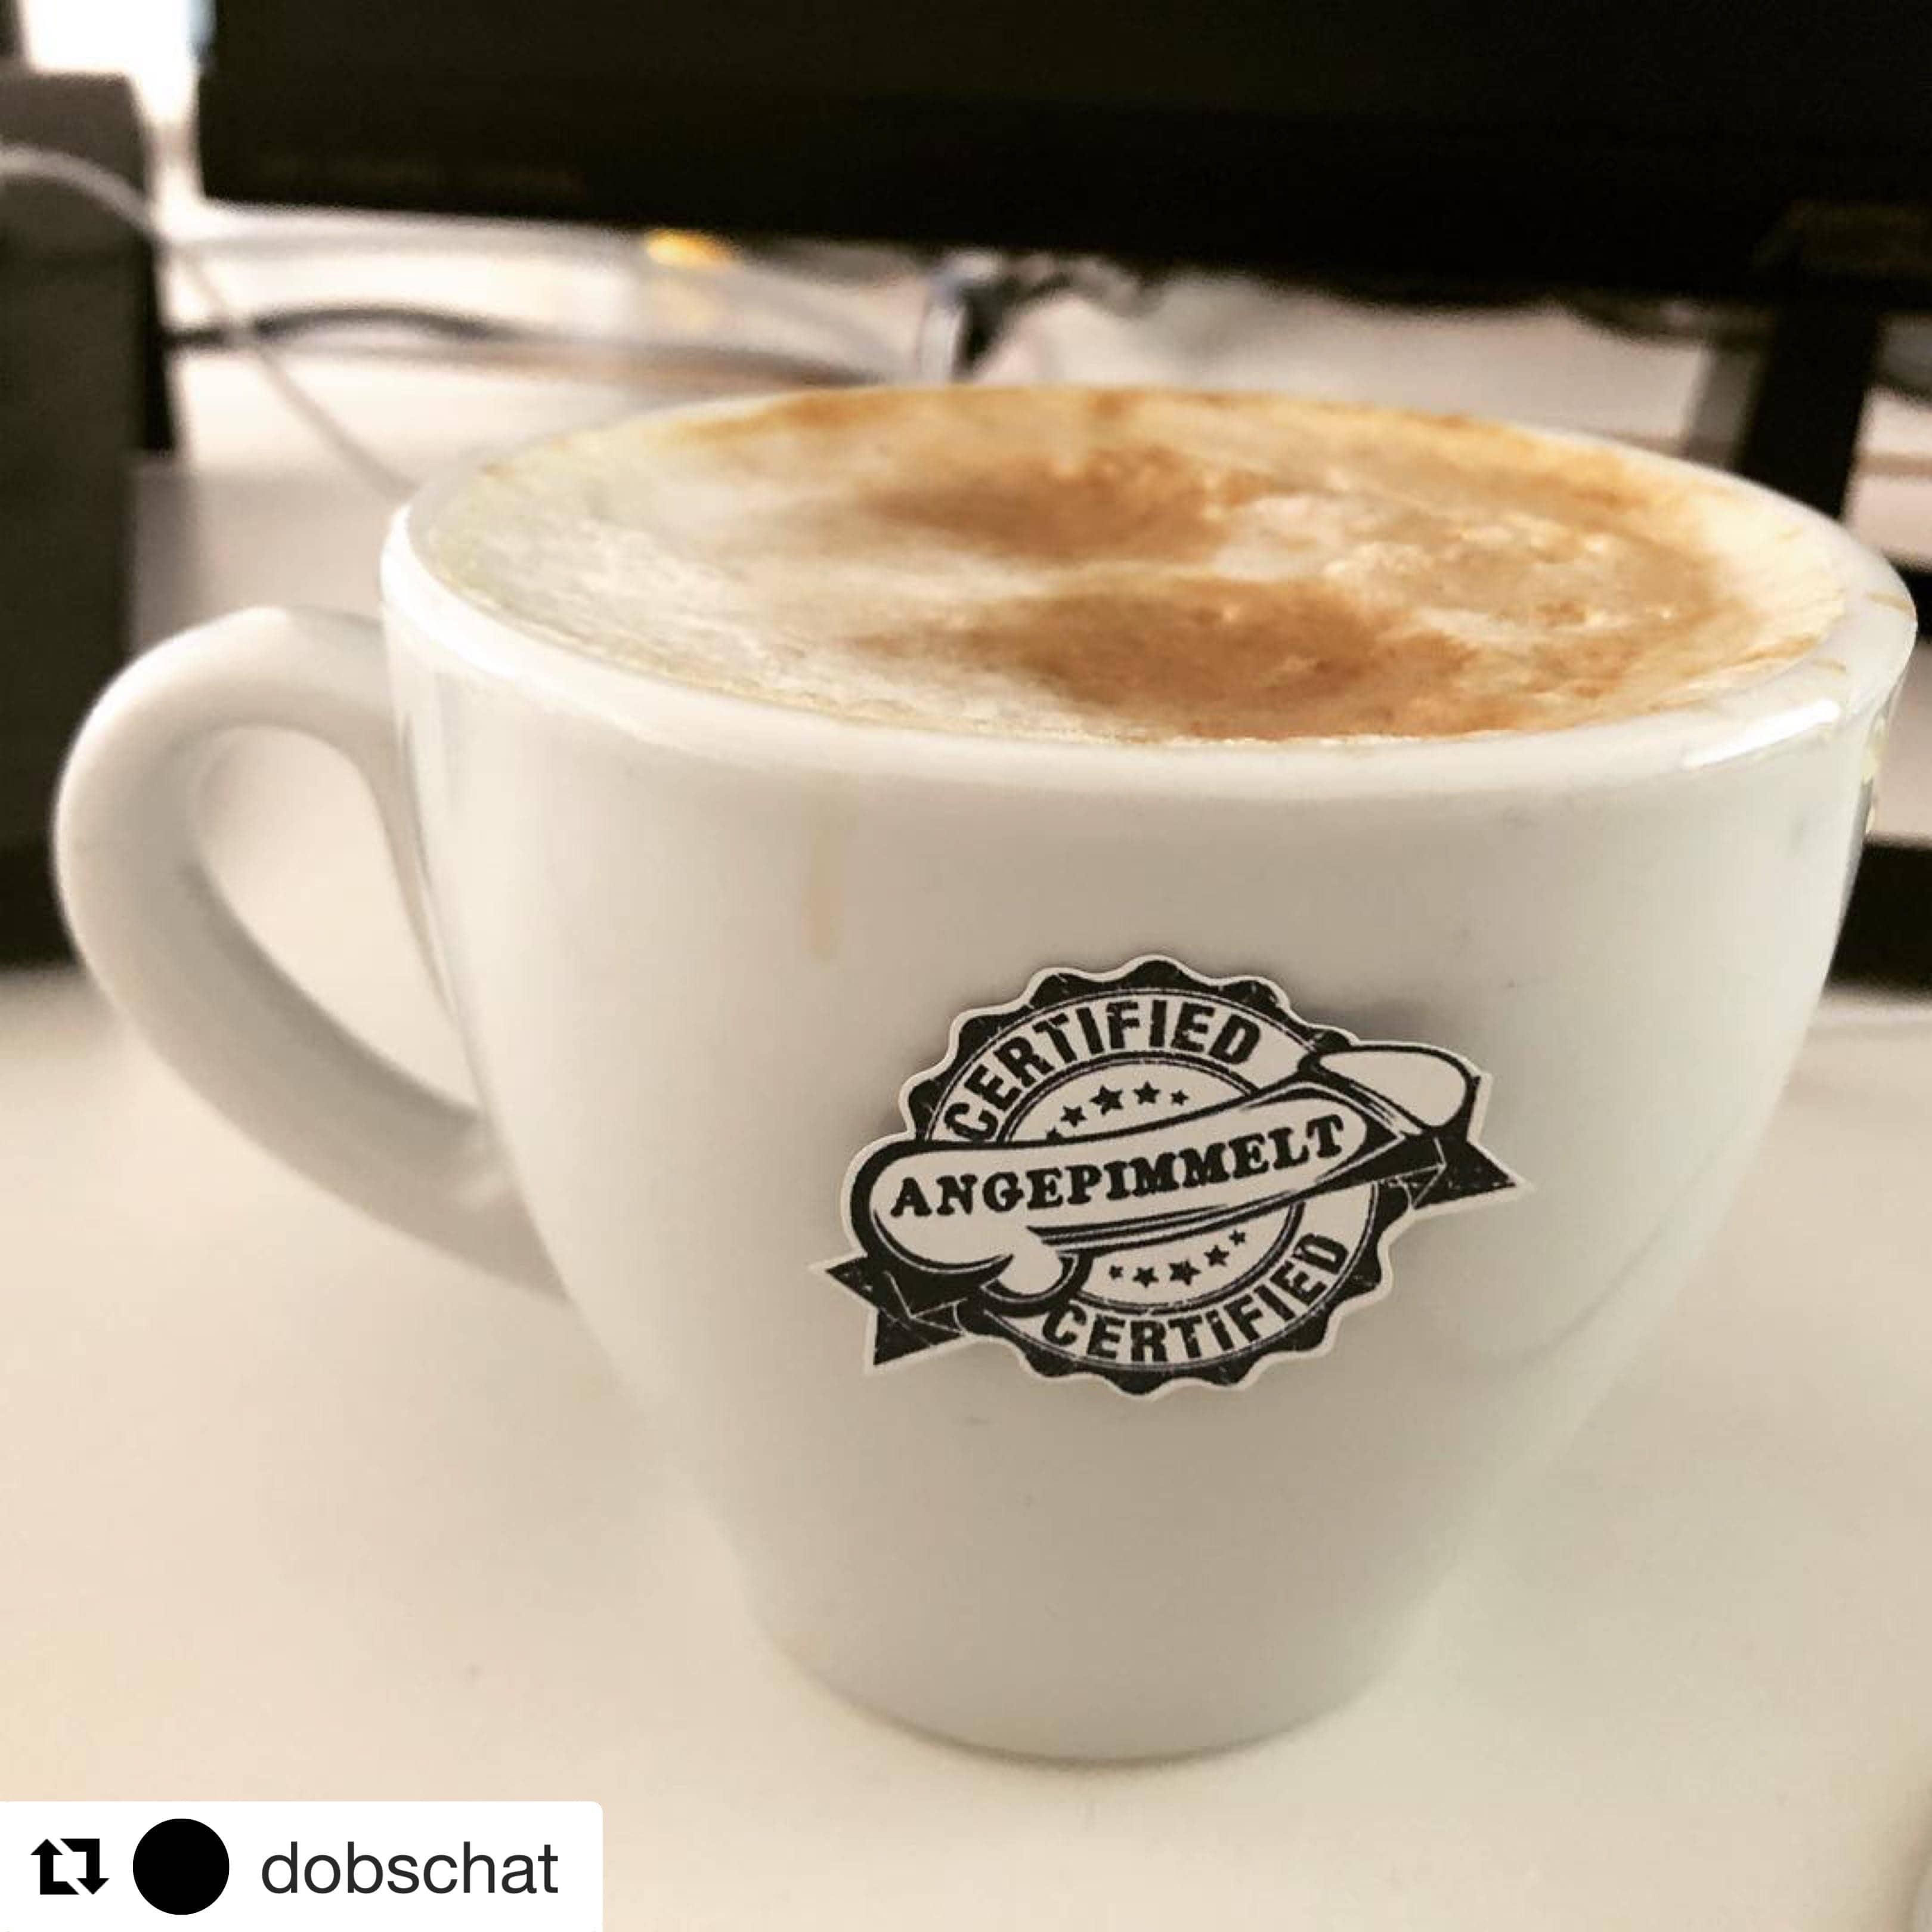 Kaffeetasse angepimmelt